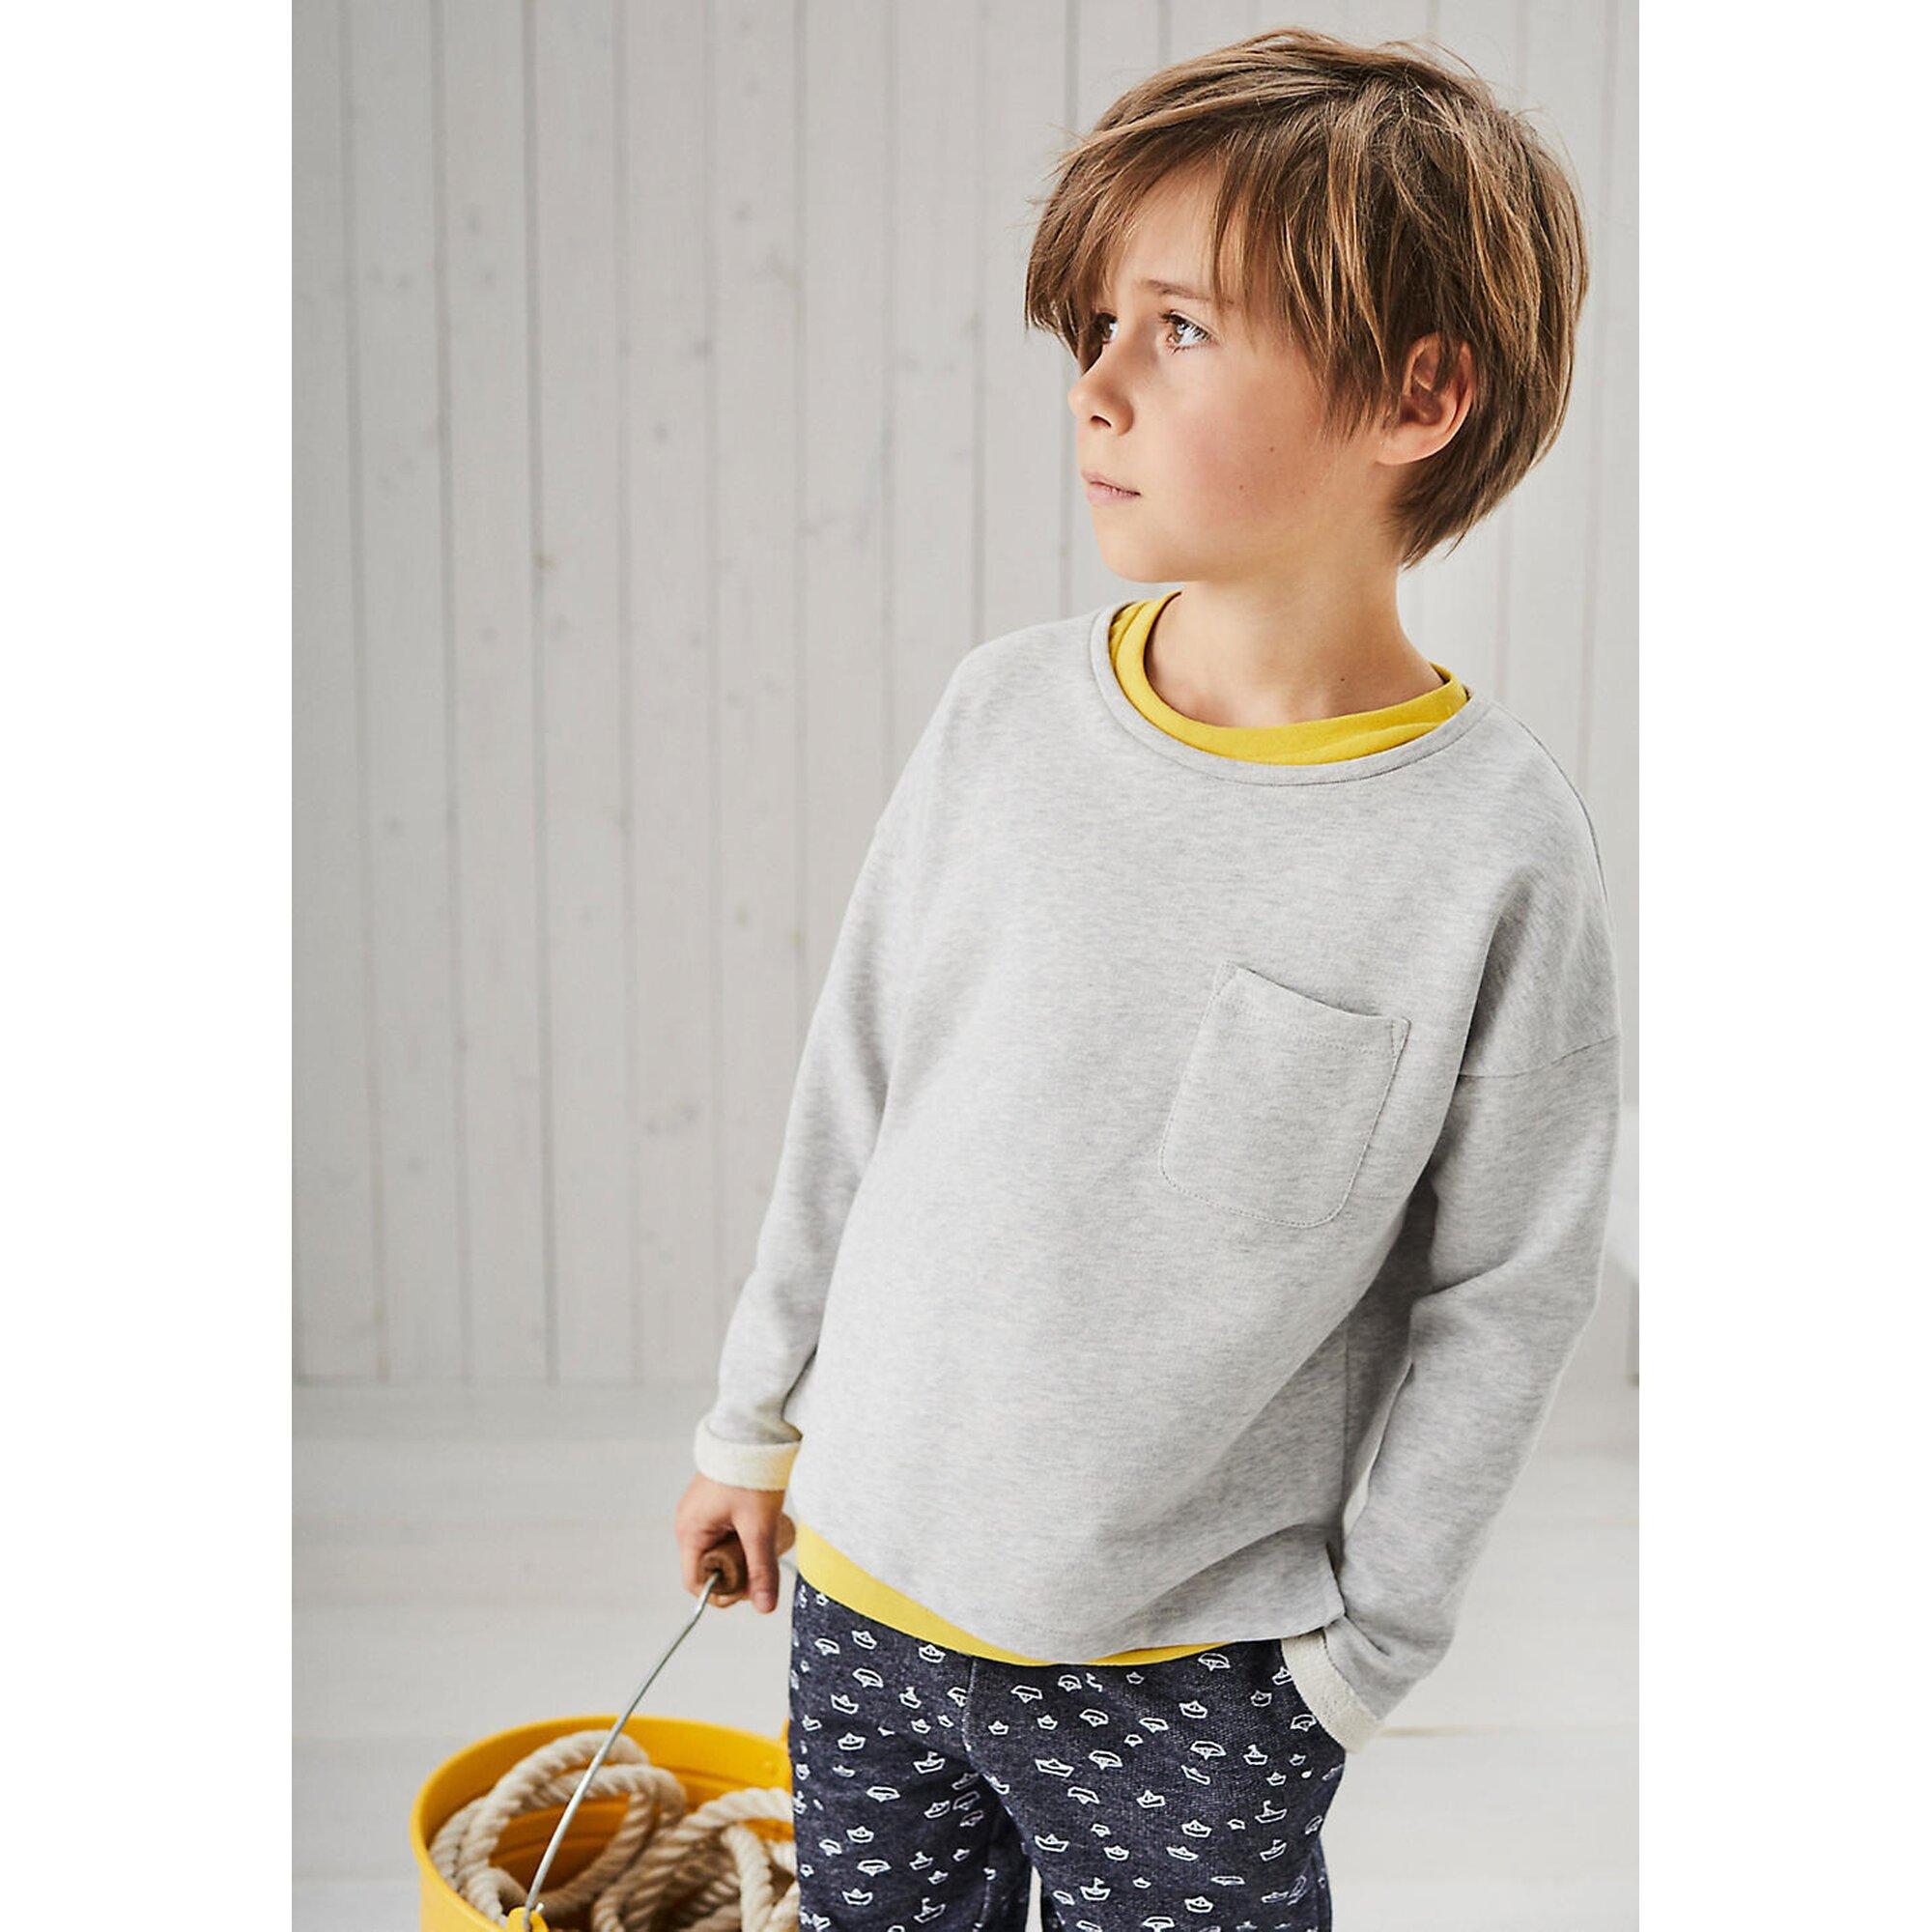 hessnatur-sweatshirt-aus-reiner-bio-baumwolle